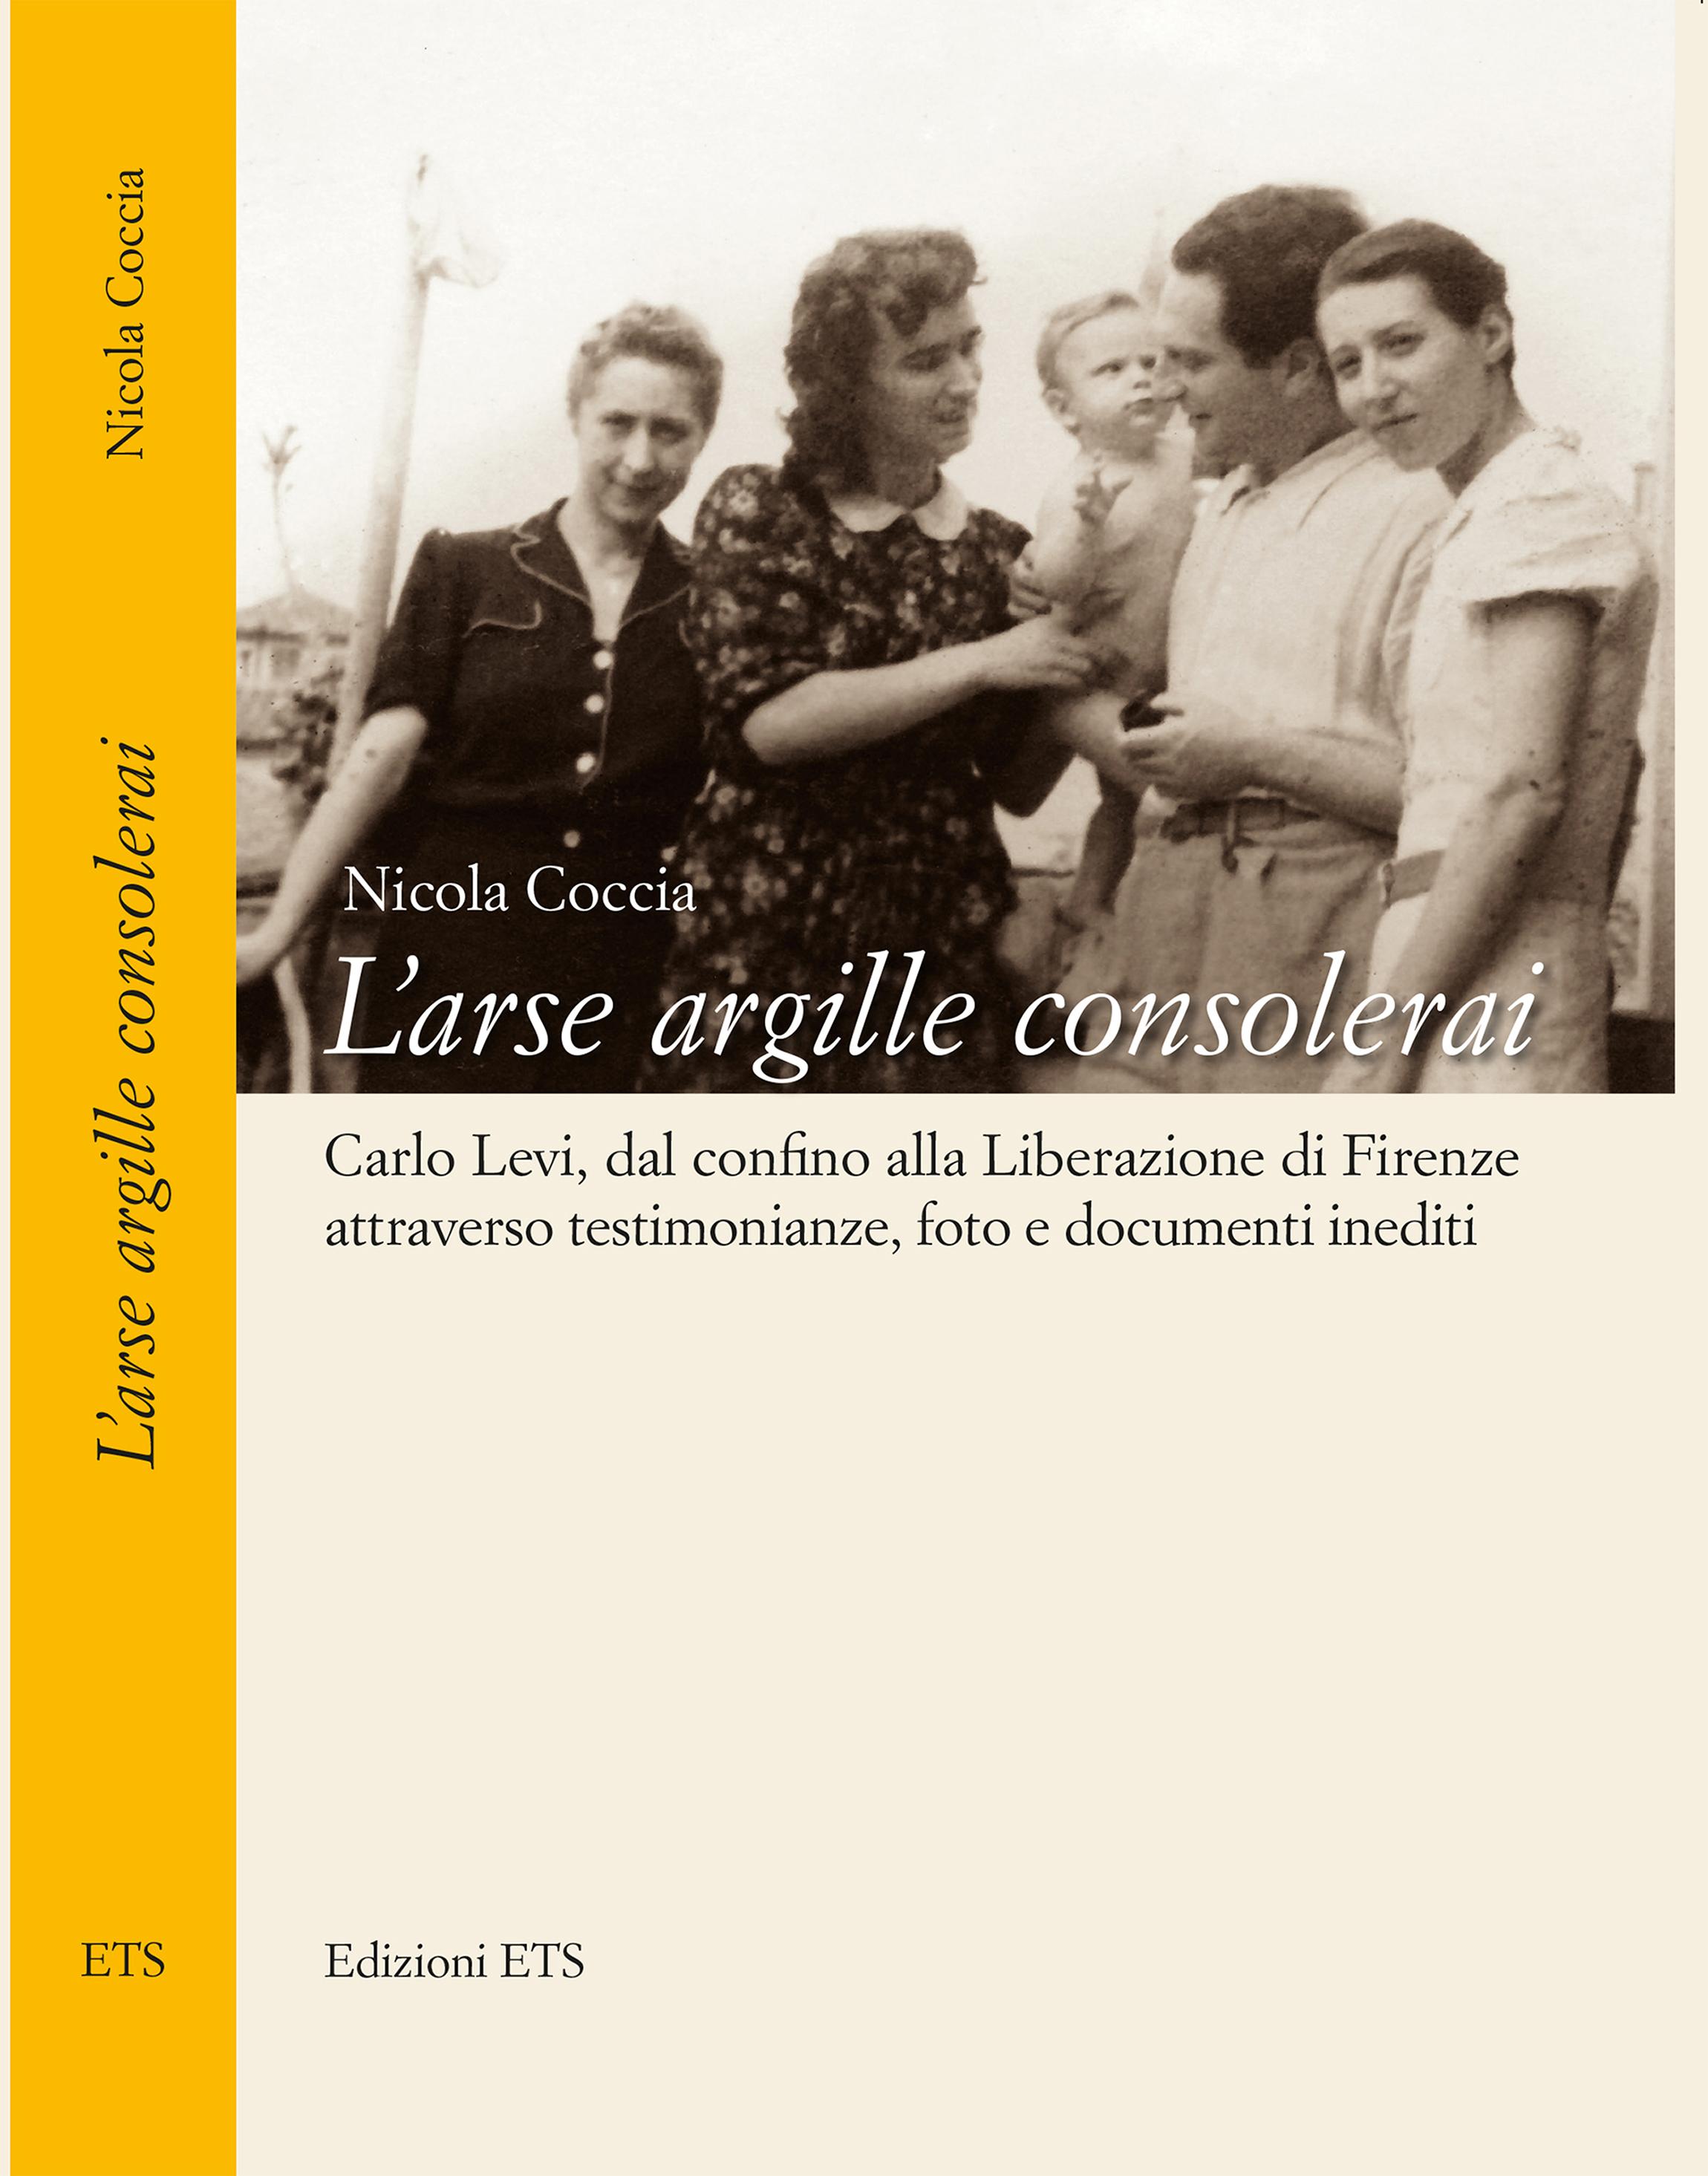 copertina libro4